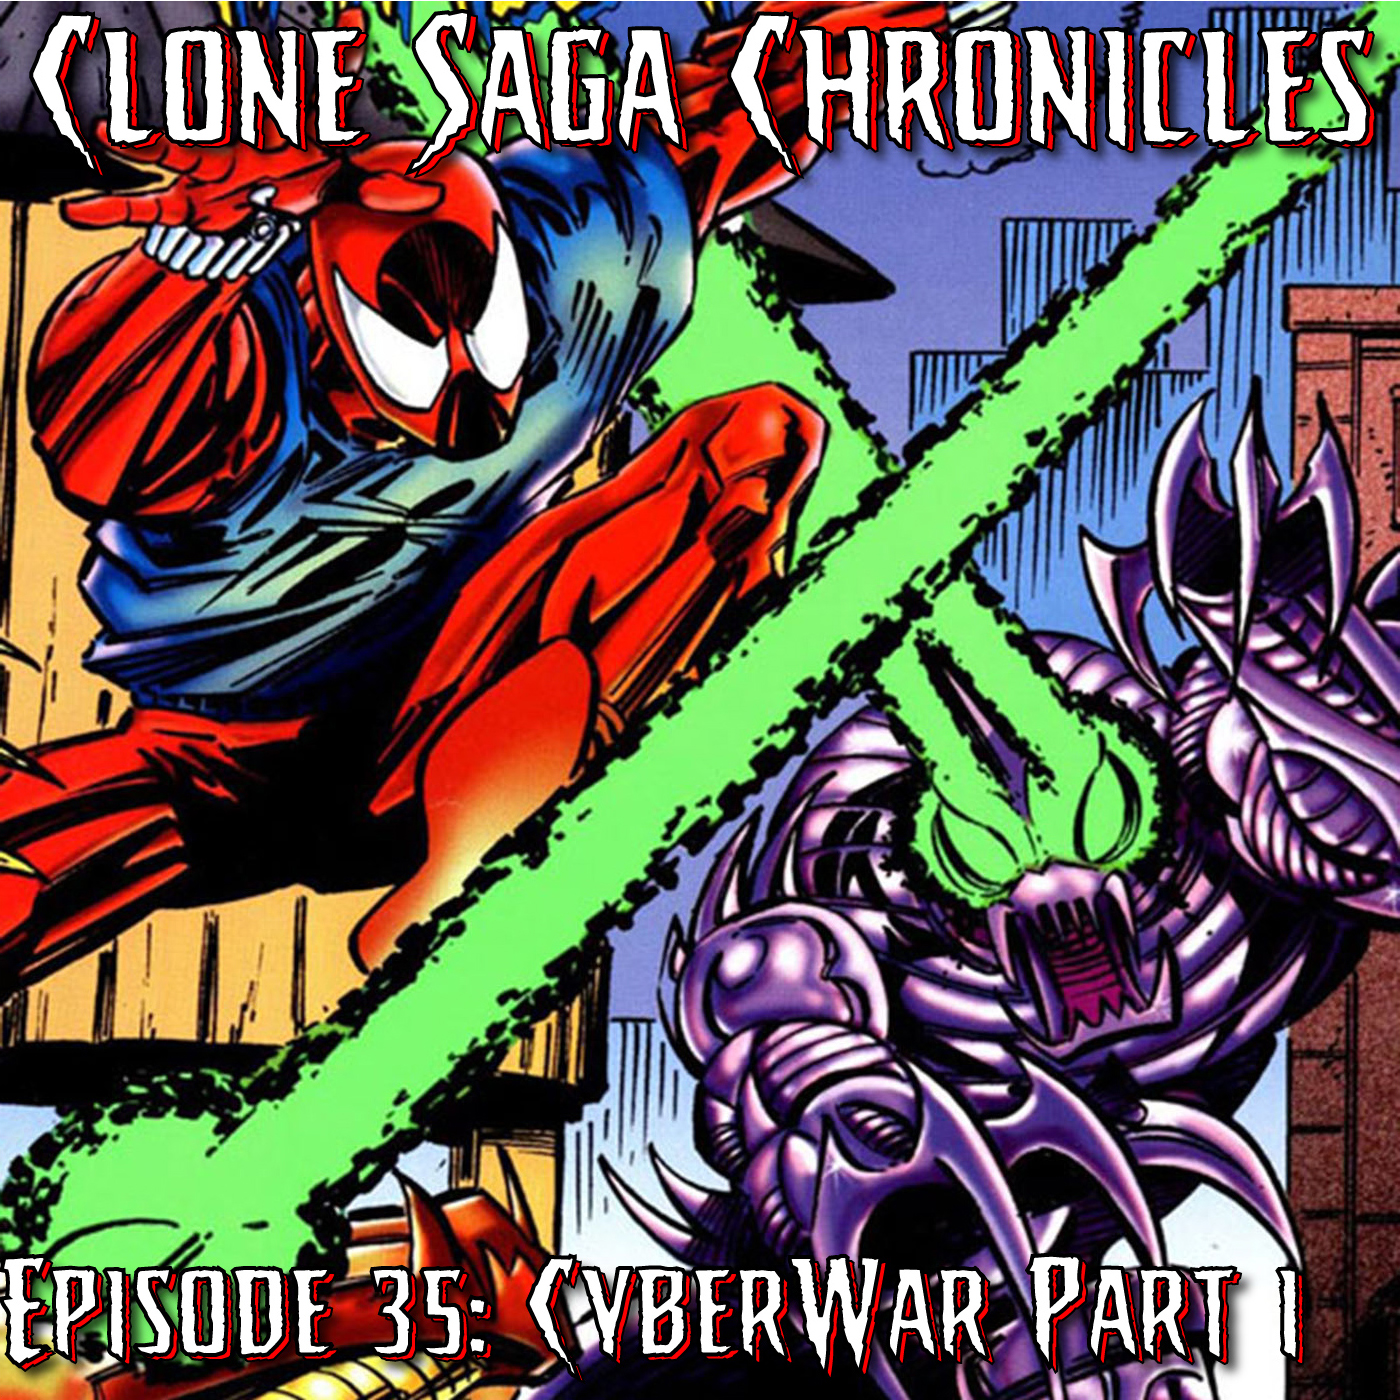 CSC Episode 35: Cyberwar (Part 1 and 2) Green Goblin 3 [Cover Date: Dec 1995]